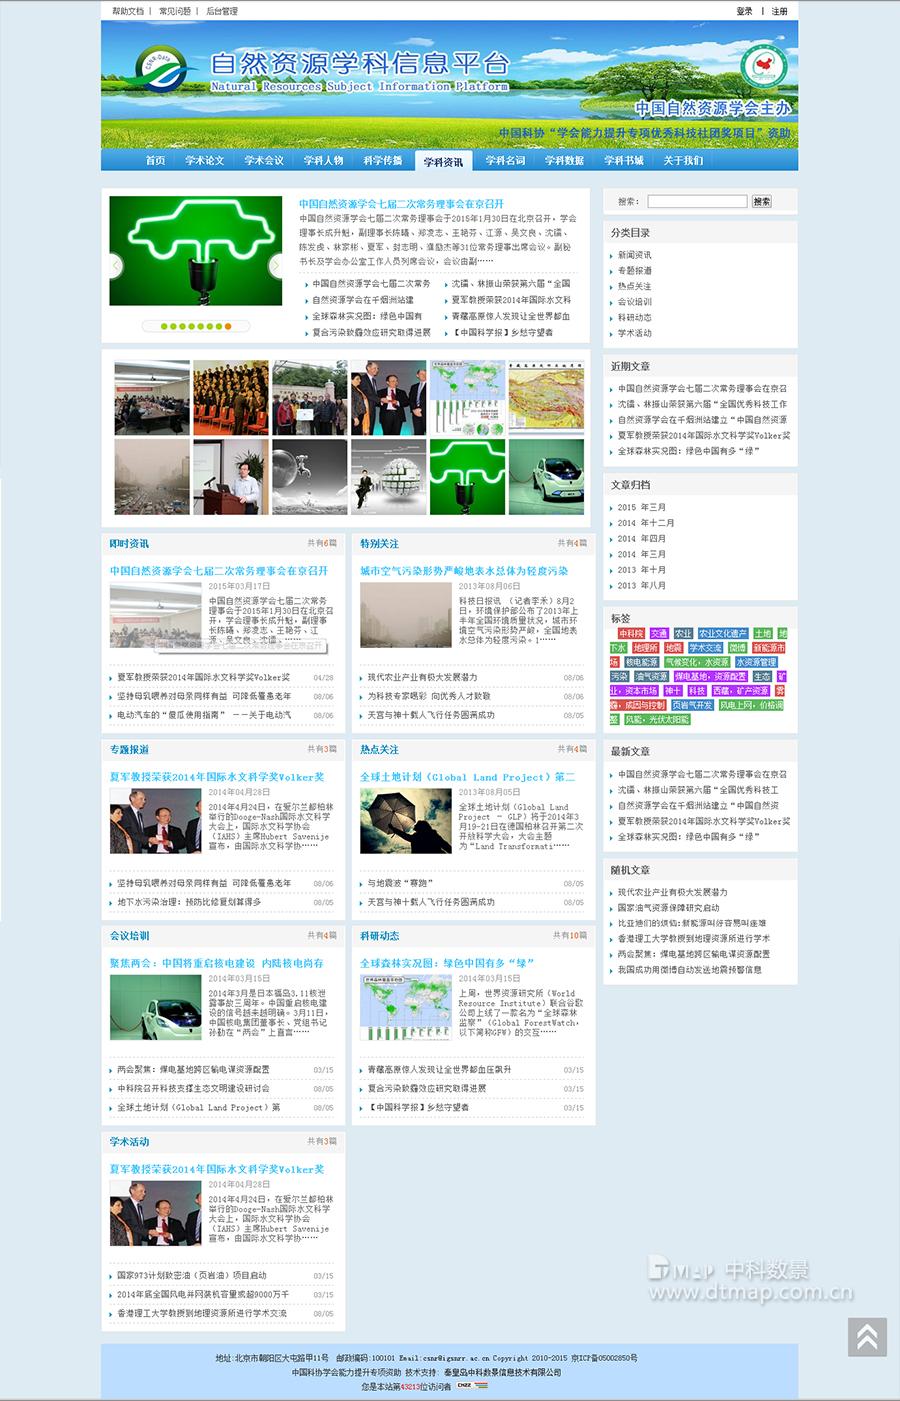 自然资源科学信息服务平台6..jpg